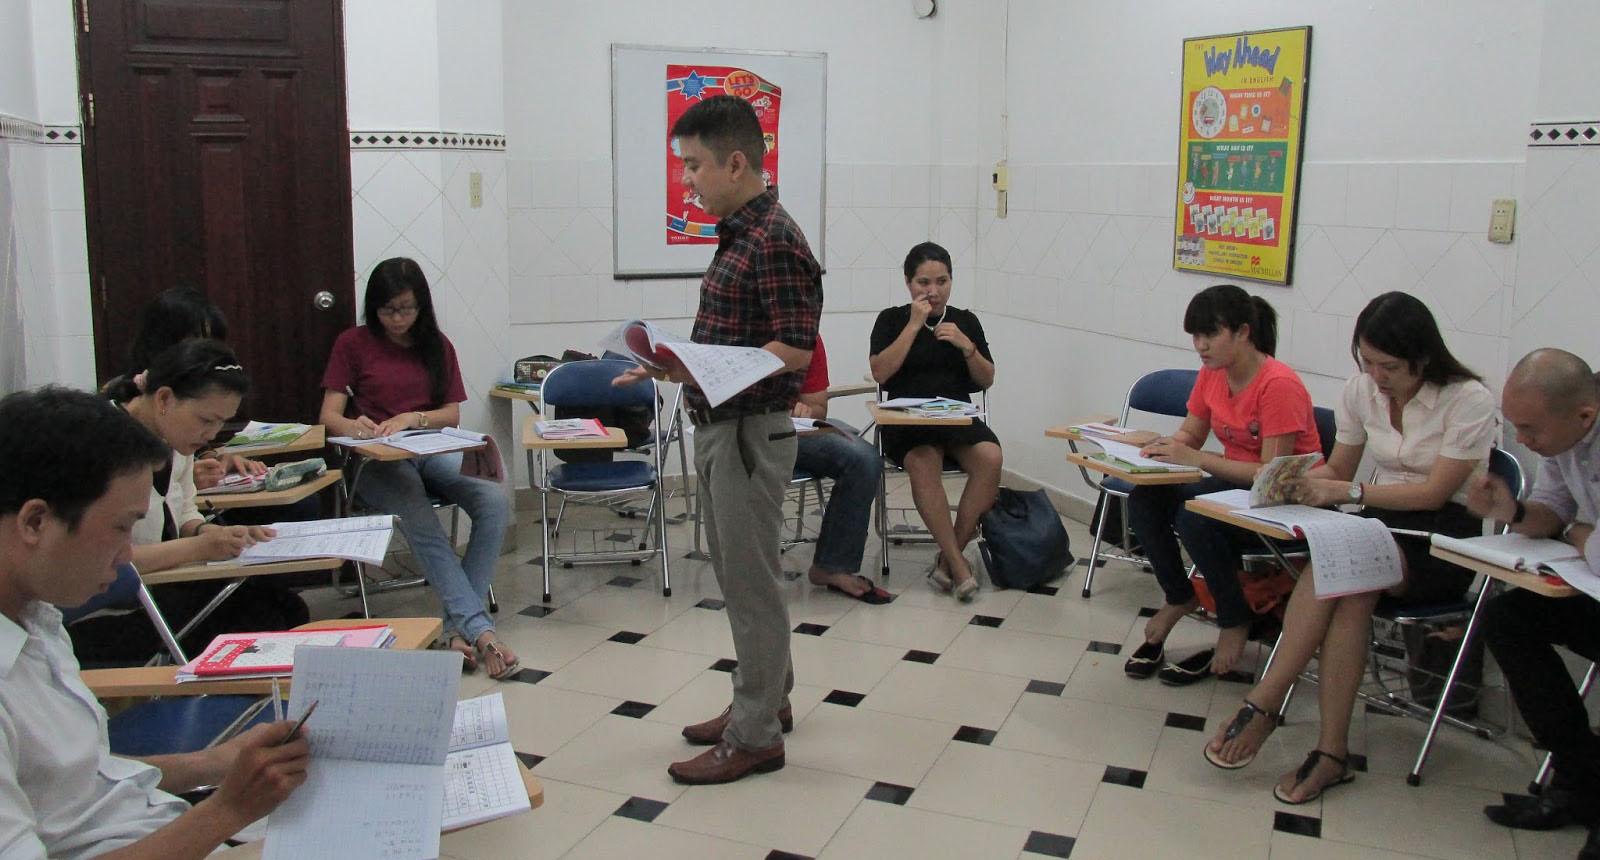 Trung Tâm Tiếng Trung CHINESE Có Tốt Không?